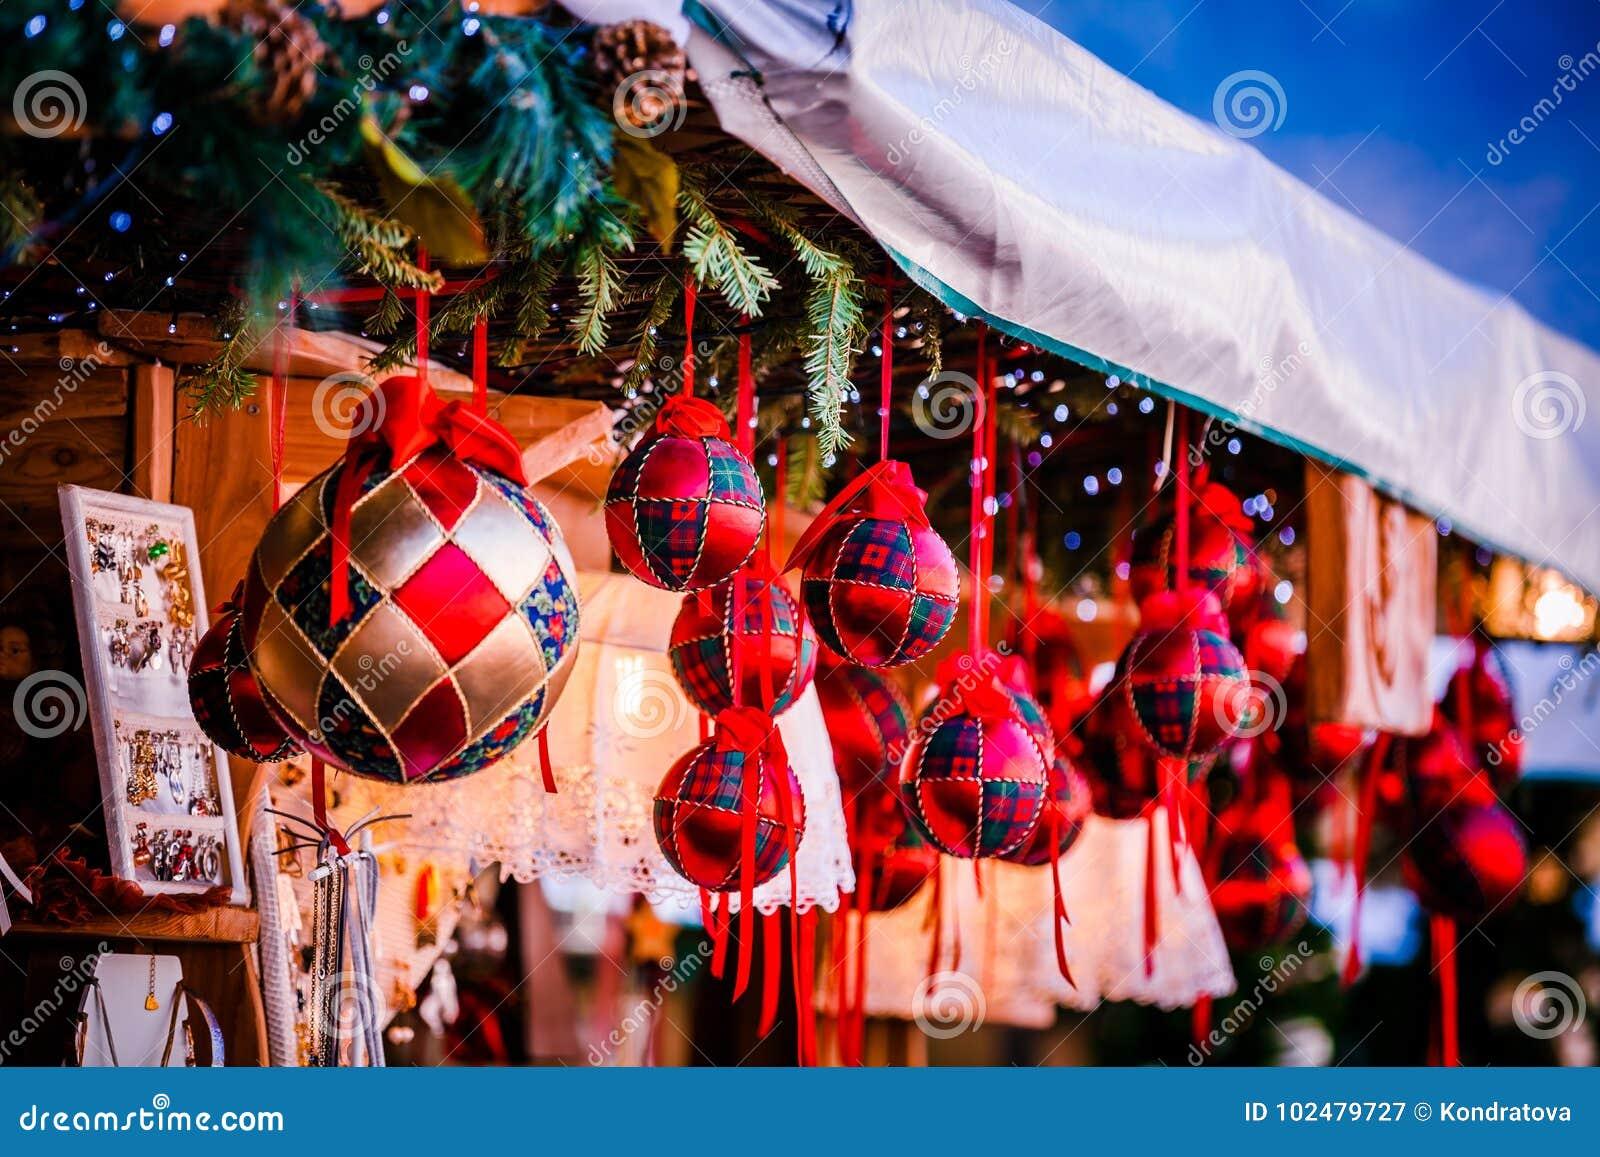 Weihnachtsdekorationen auf Trentino Alto Adige, Italien-Weihnachtsmarkt